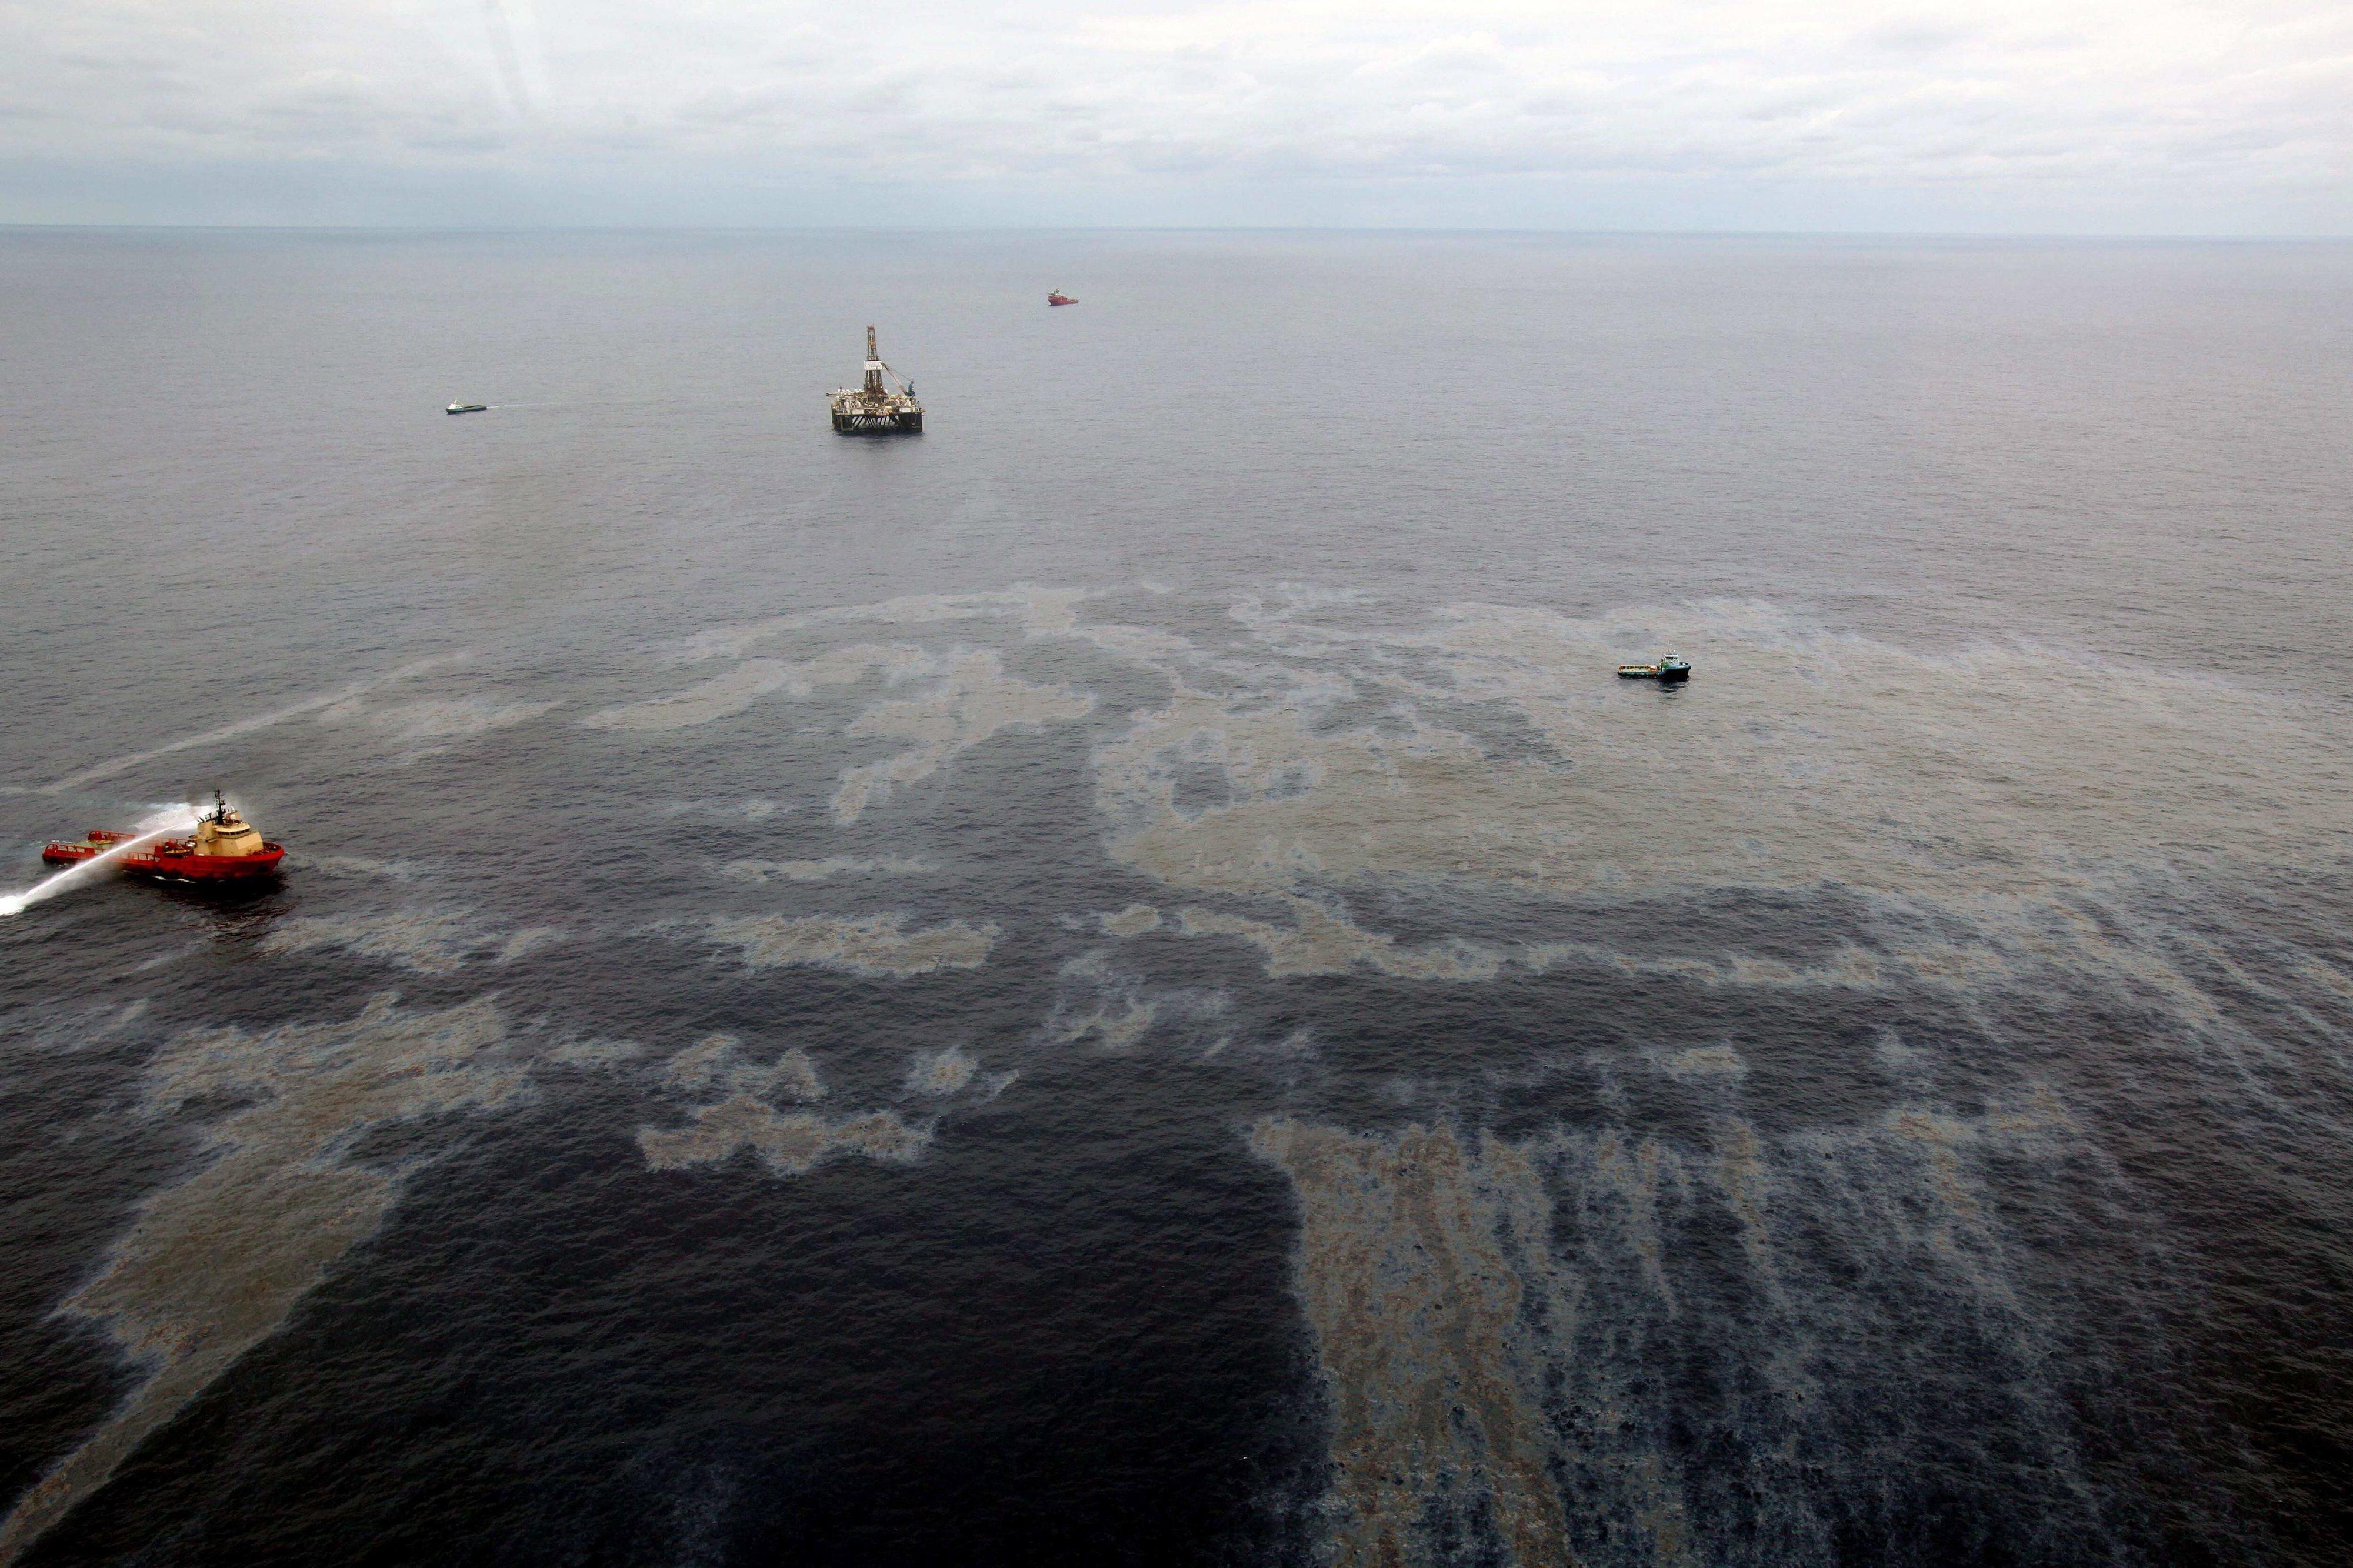 Brasil diz não ter provas sobre responsáveis do derrame de petróleo ao fim de três meses